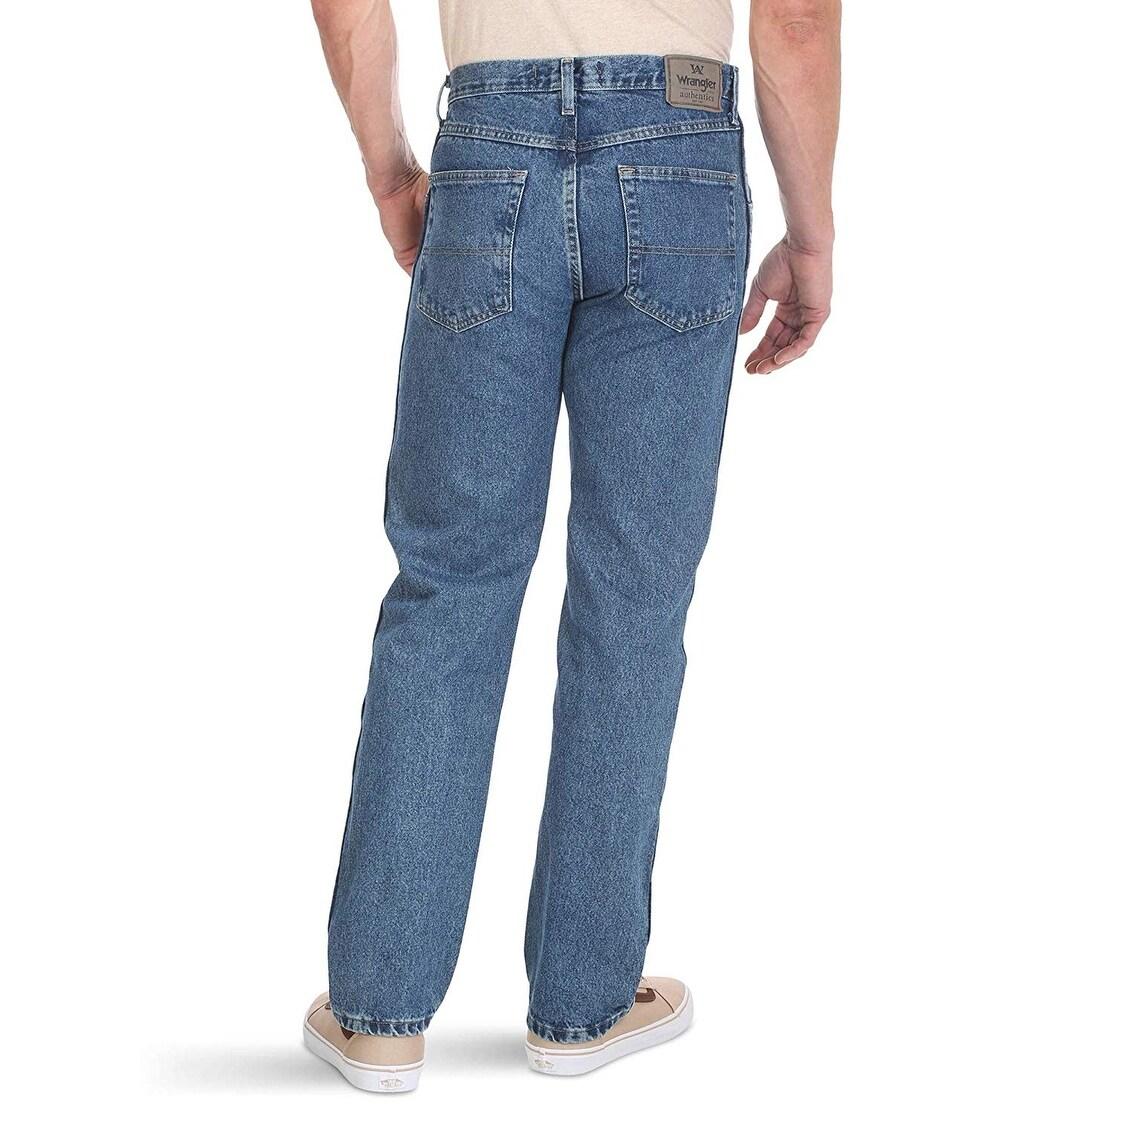 Wrangler Regular Fit Jeans Homme